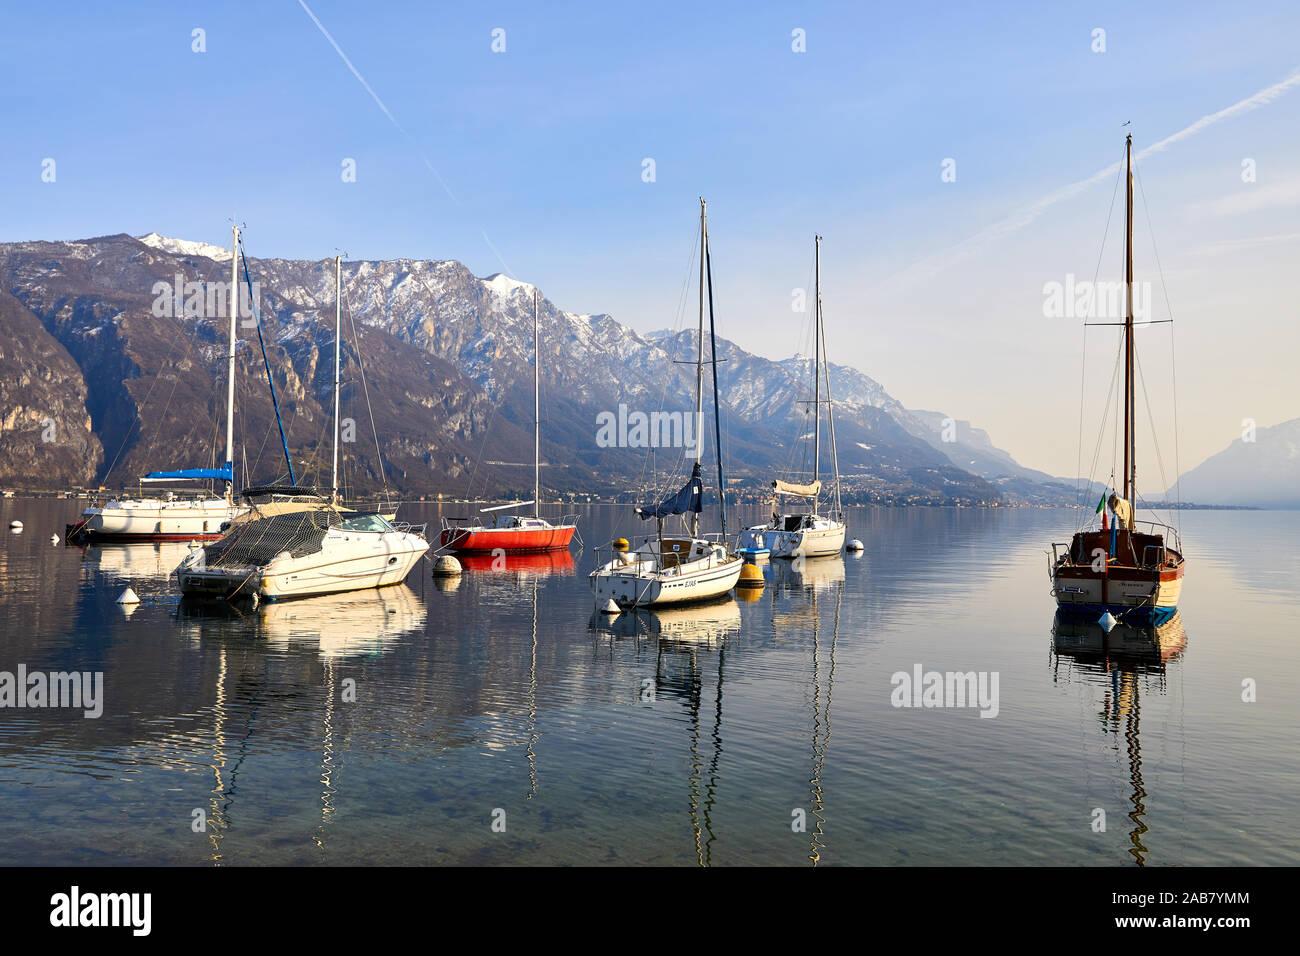 Los barcos de vela en el puerto de Borgo di Pescallo en Bellagio, Lago de Como, Lombardía, Lagos Italianos, Italia, Europa Foto de stock